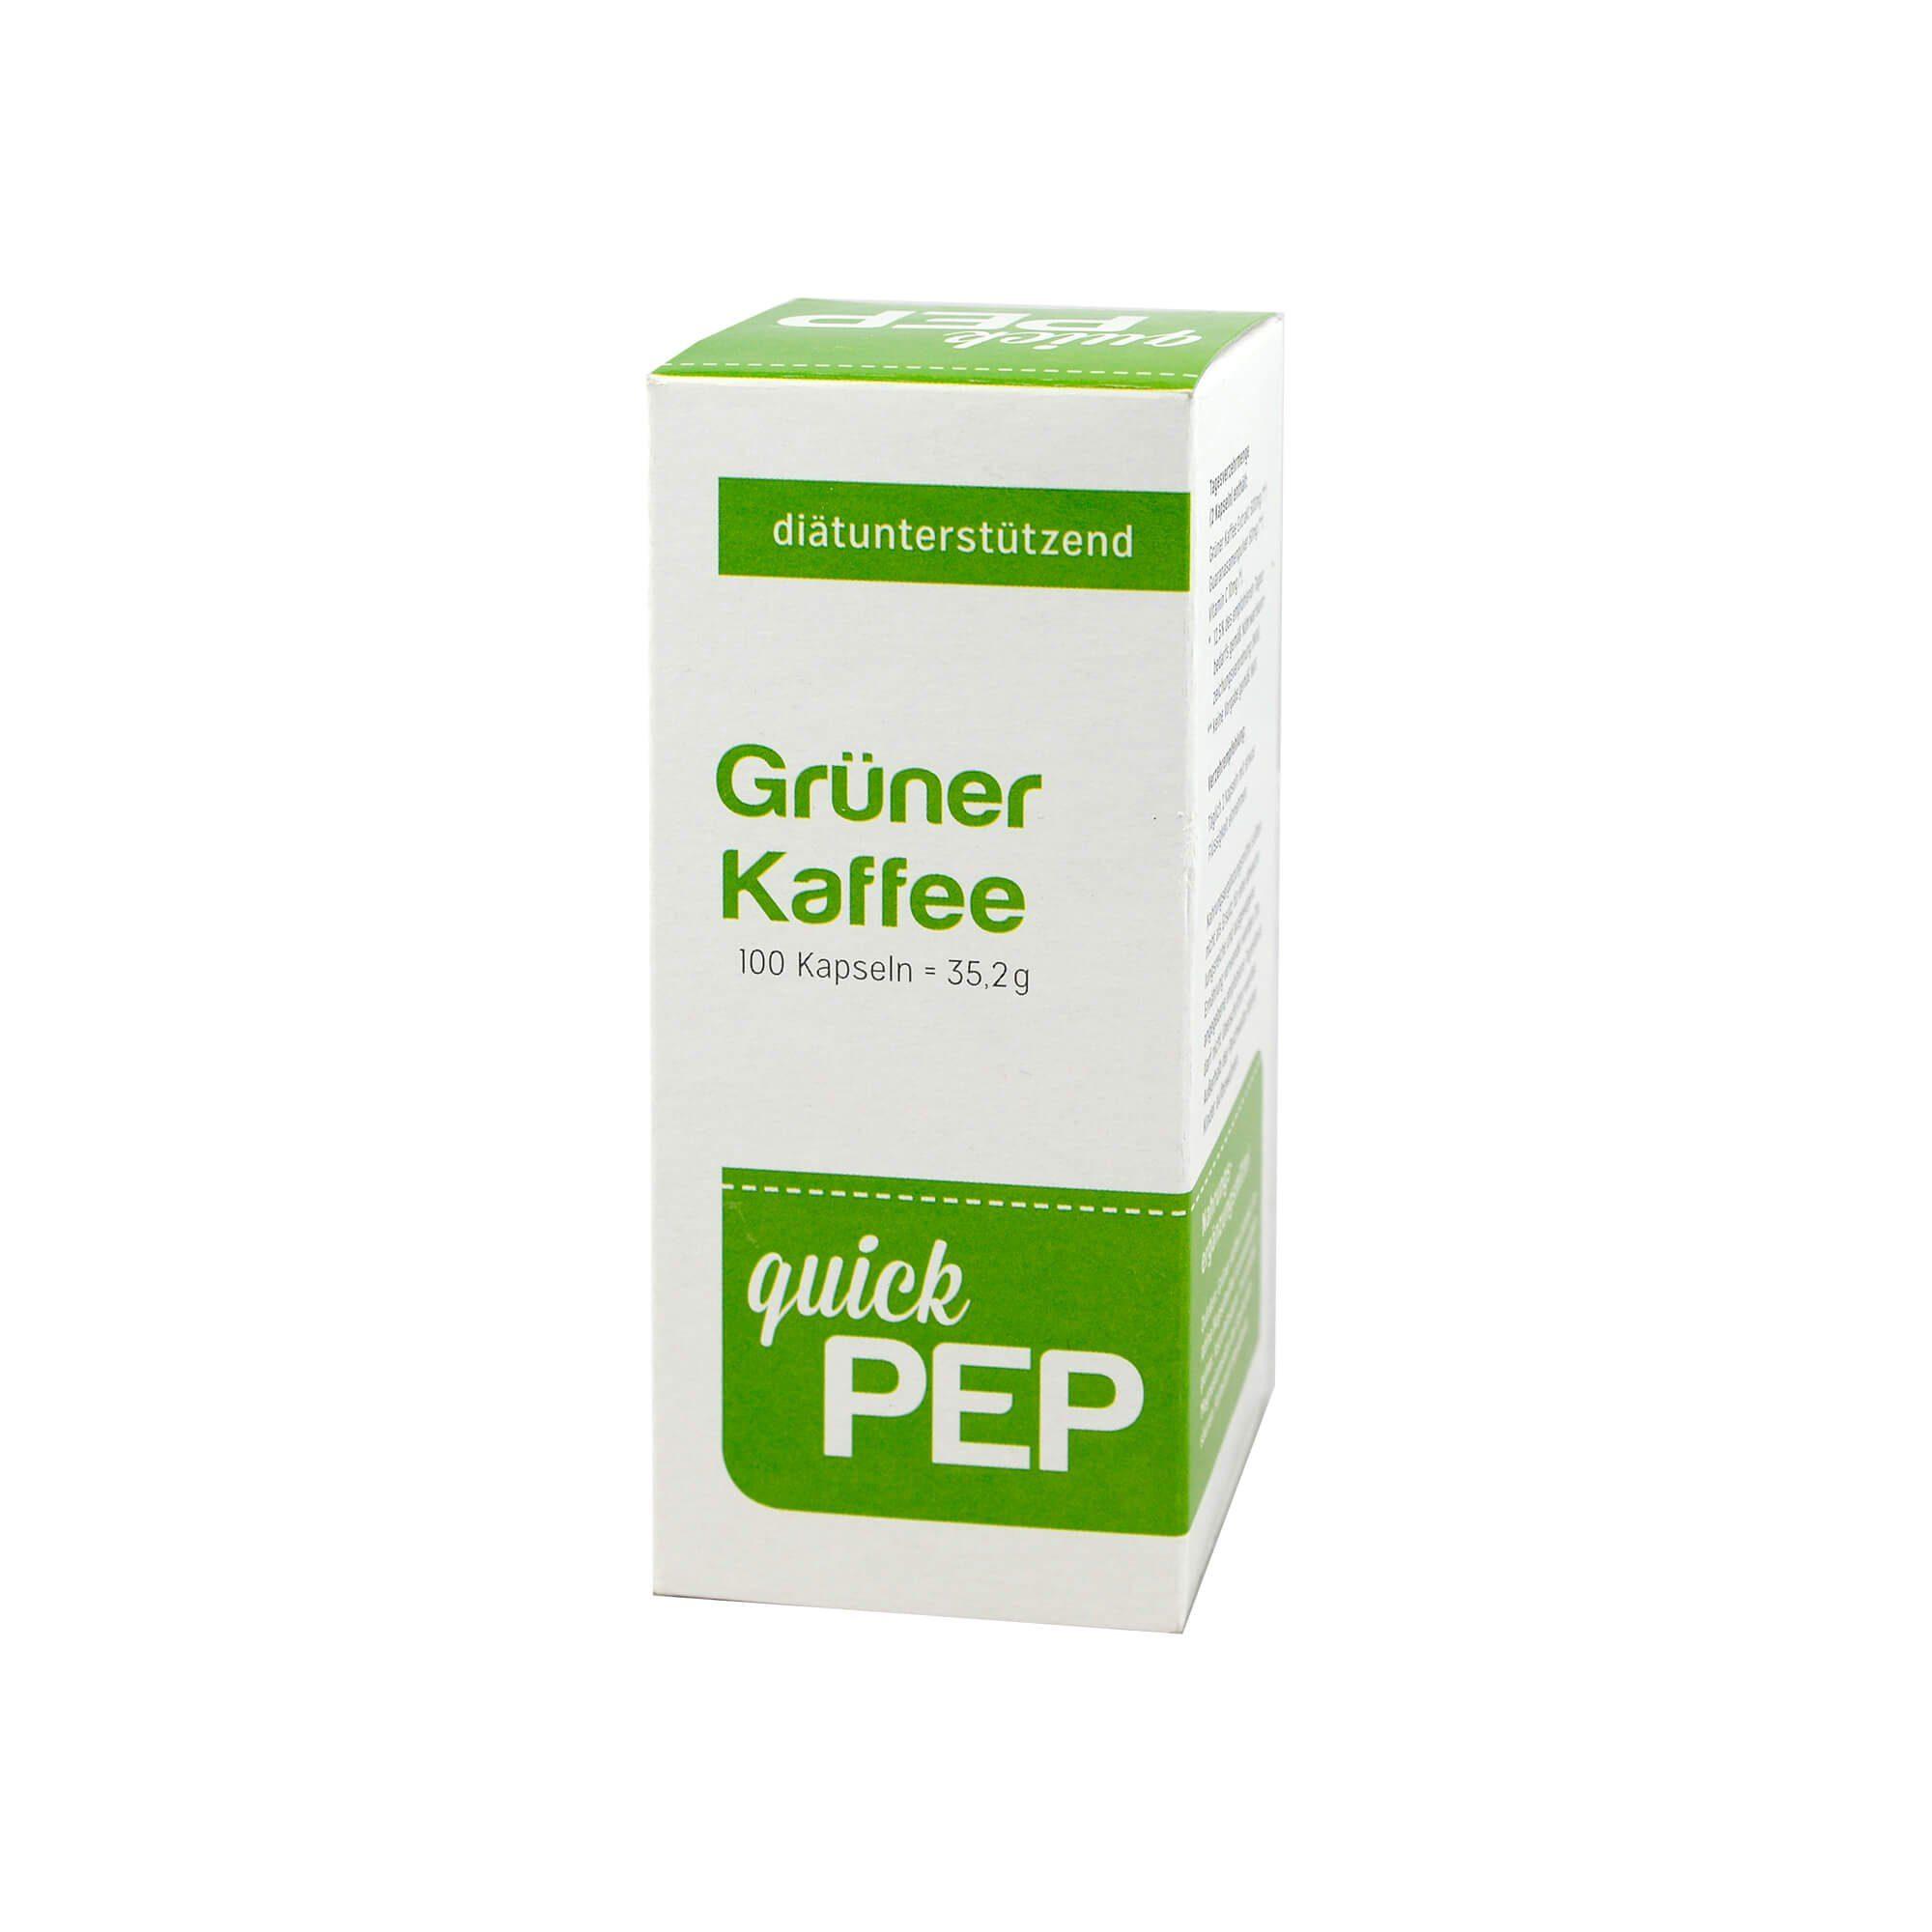 QuickPep Grüner Kaffee , 100 St